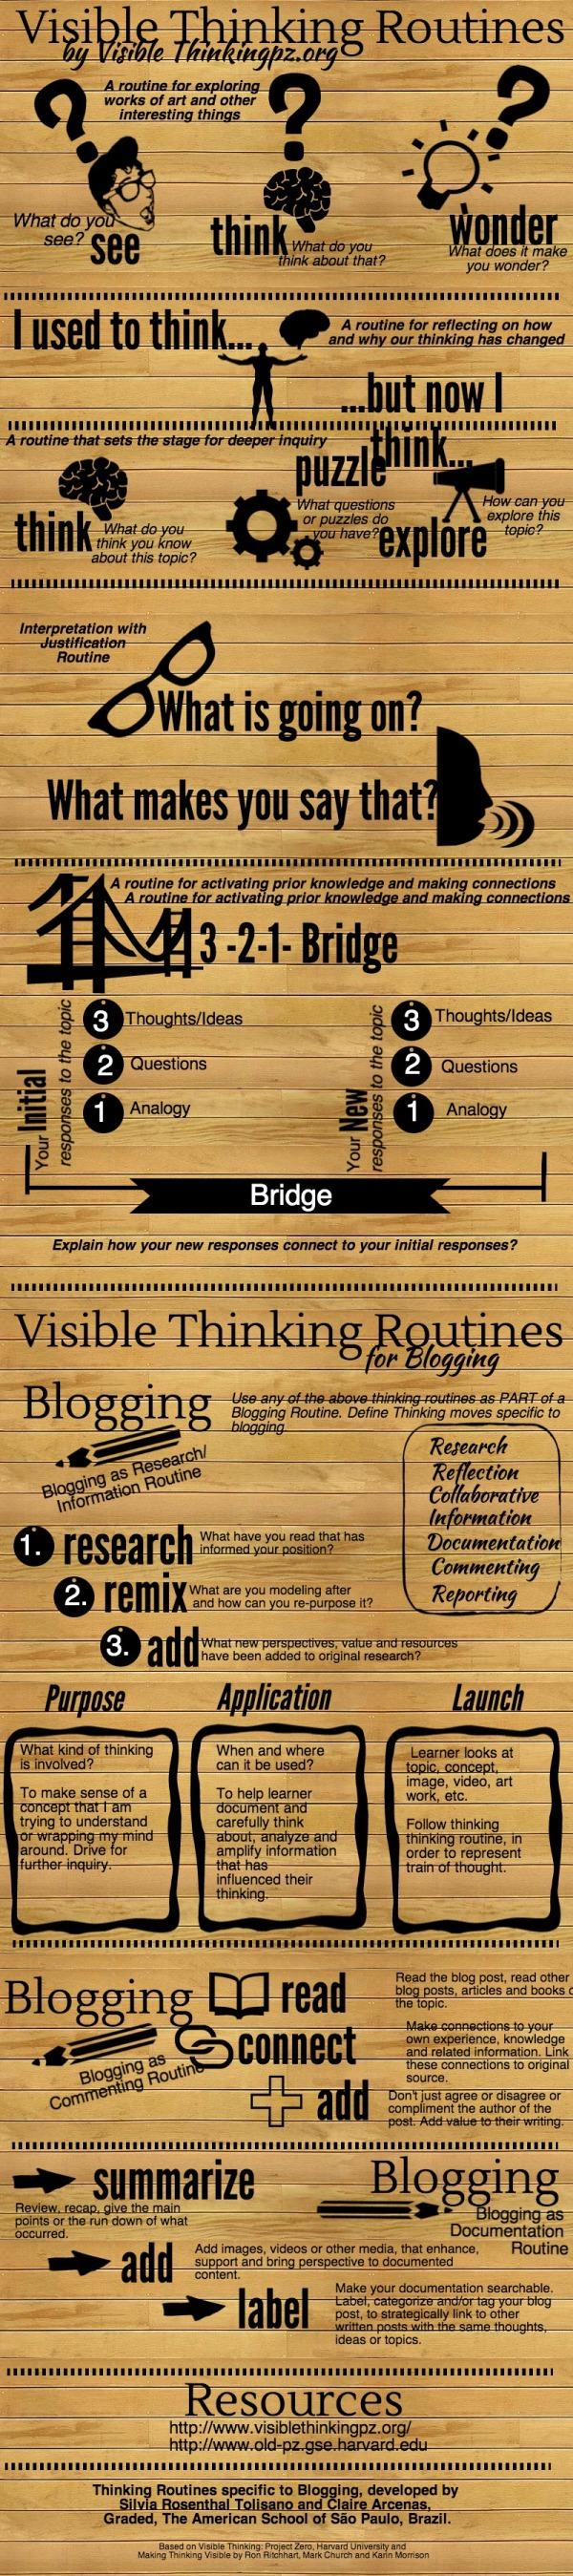 visible-thinking